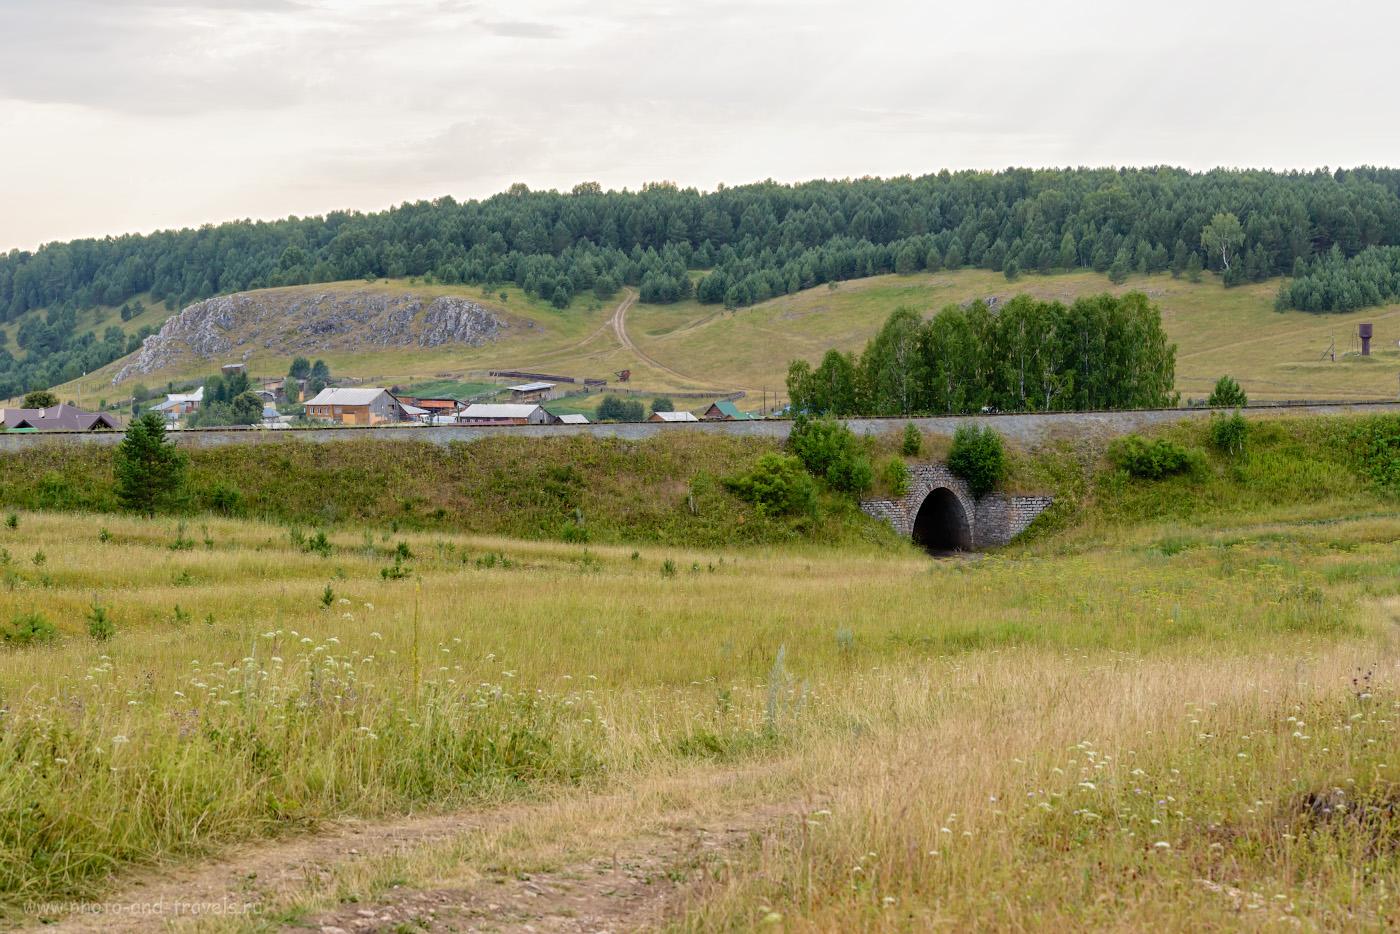 Фото 4. Вид на туннель под железной дорогой в сторону Аракаево. 1/200, 7.1, 280, -0.67, 86.